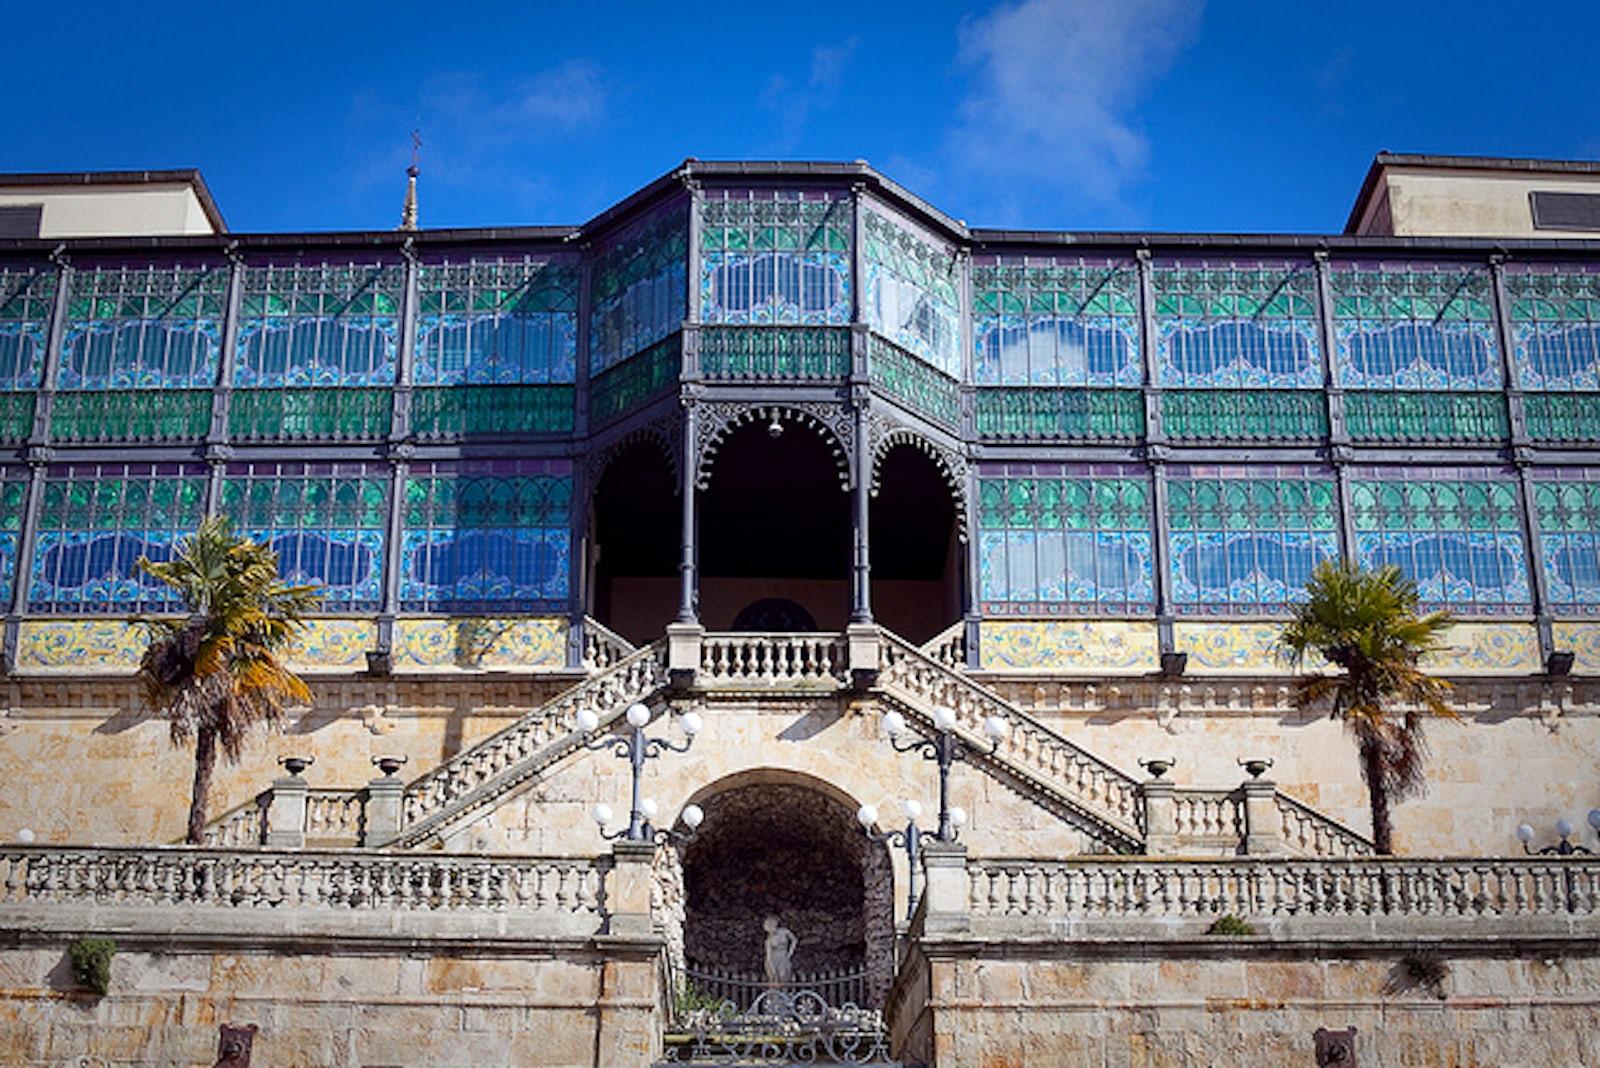 Casa lis museo art nouveau itinari - La casa lis de salamanca ...